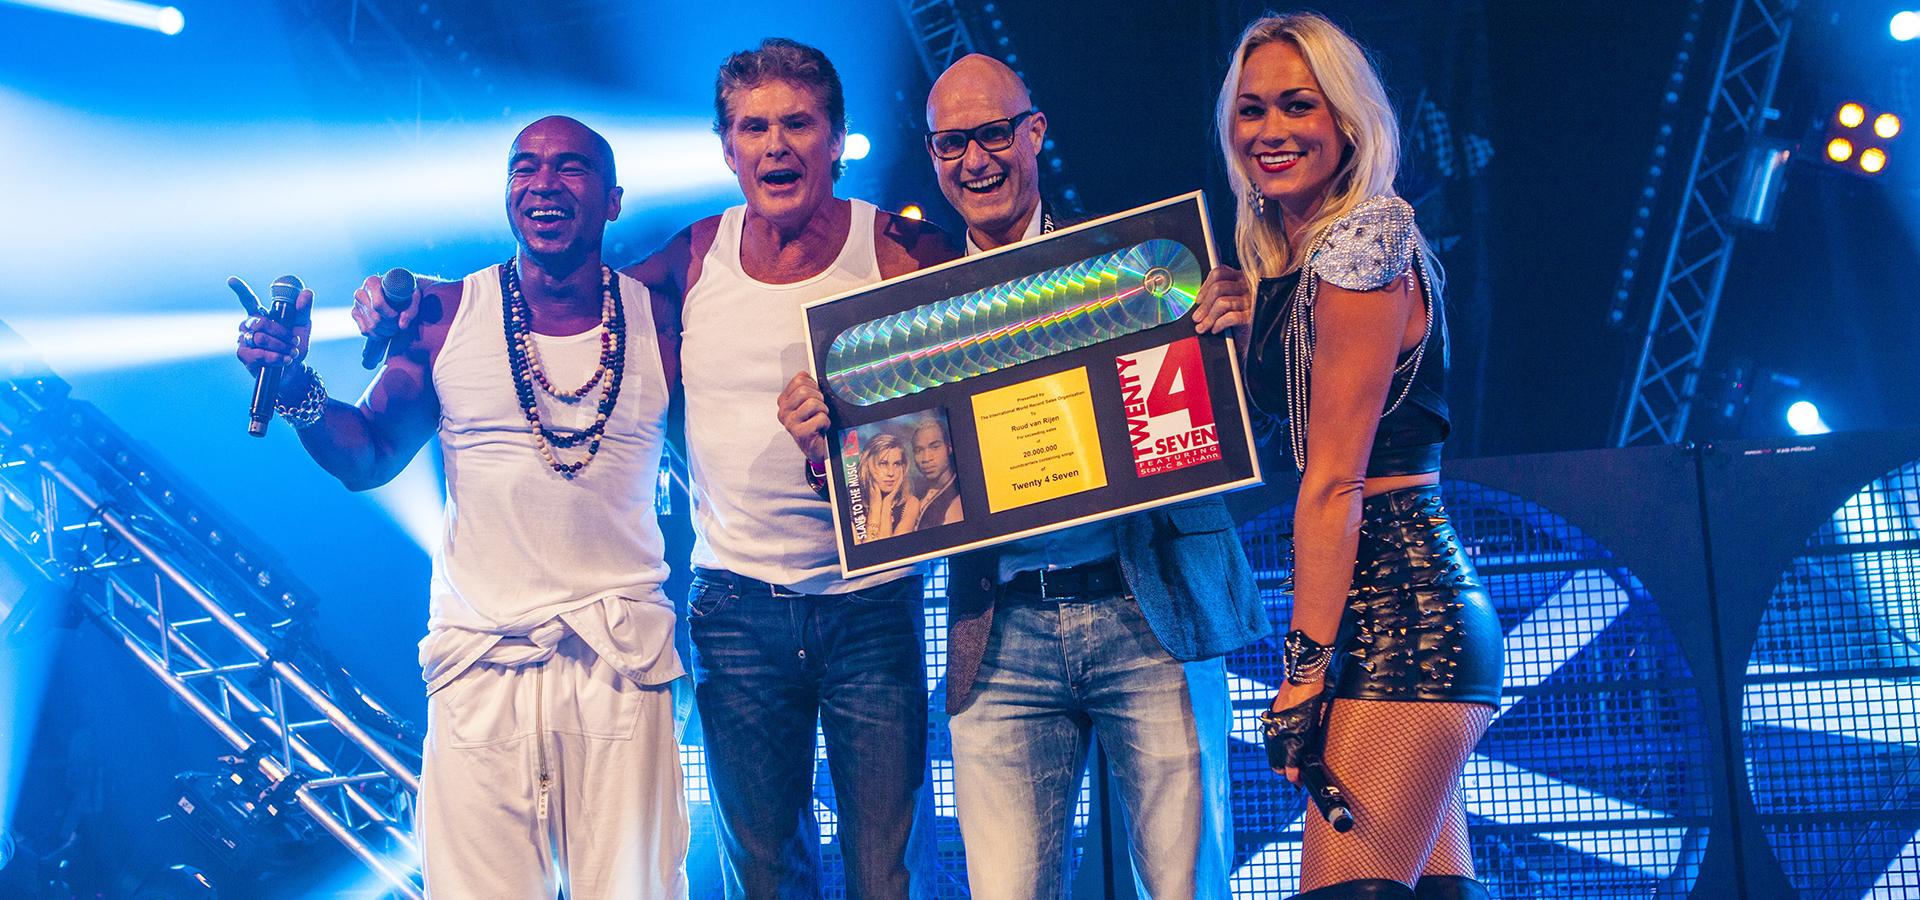 Ruud van Rijen awards Banner-8